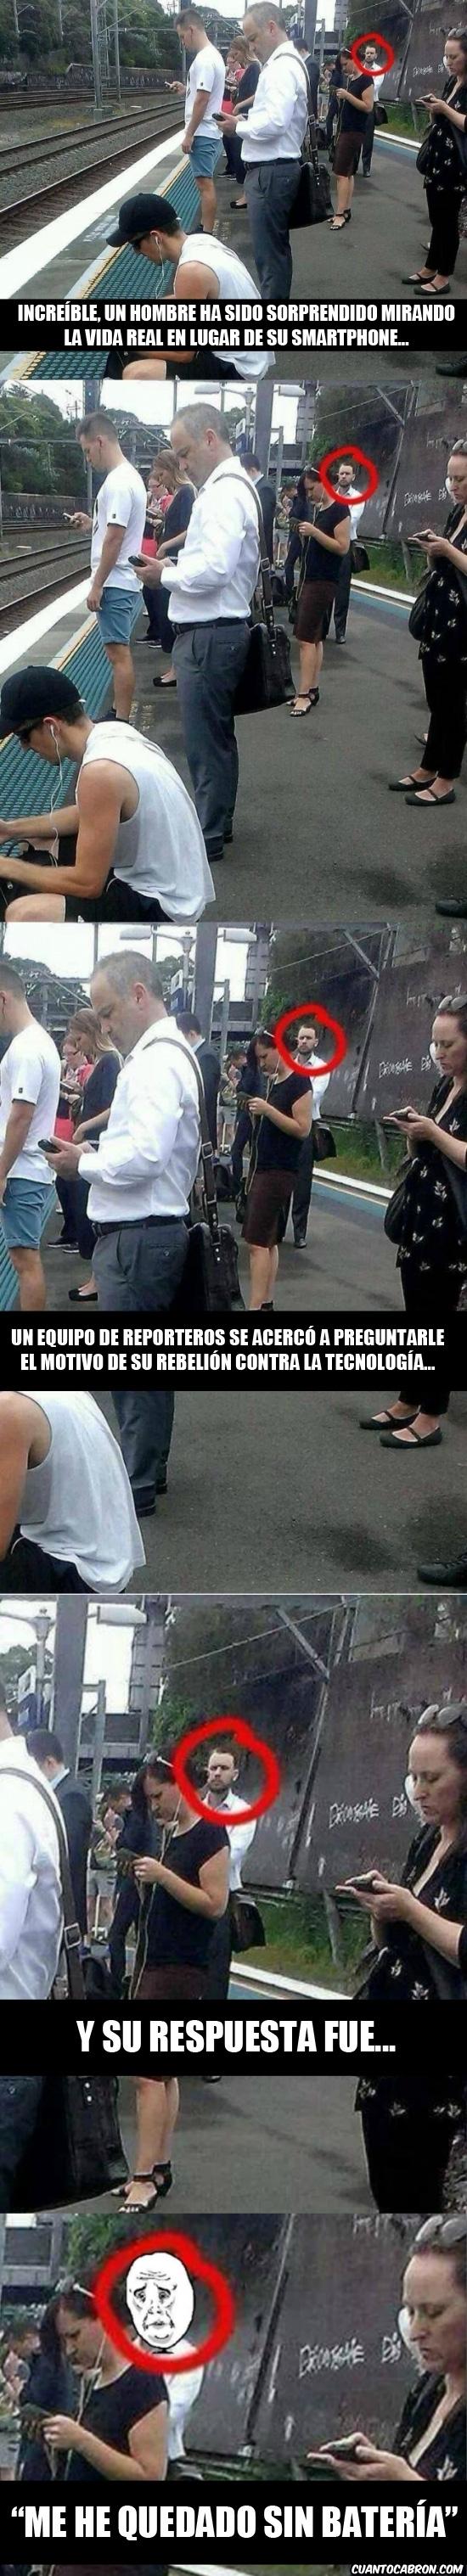 Meme_otros - El increíble caso del hombre esperando el tren...